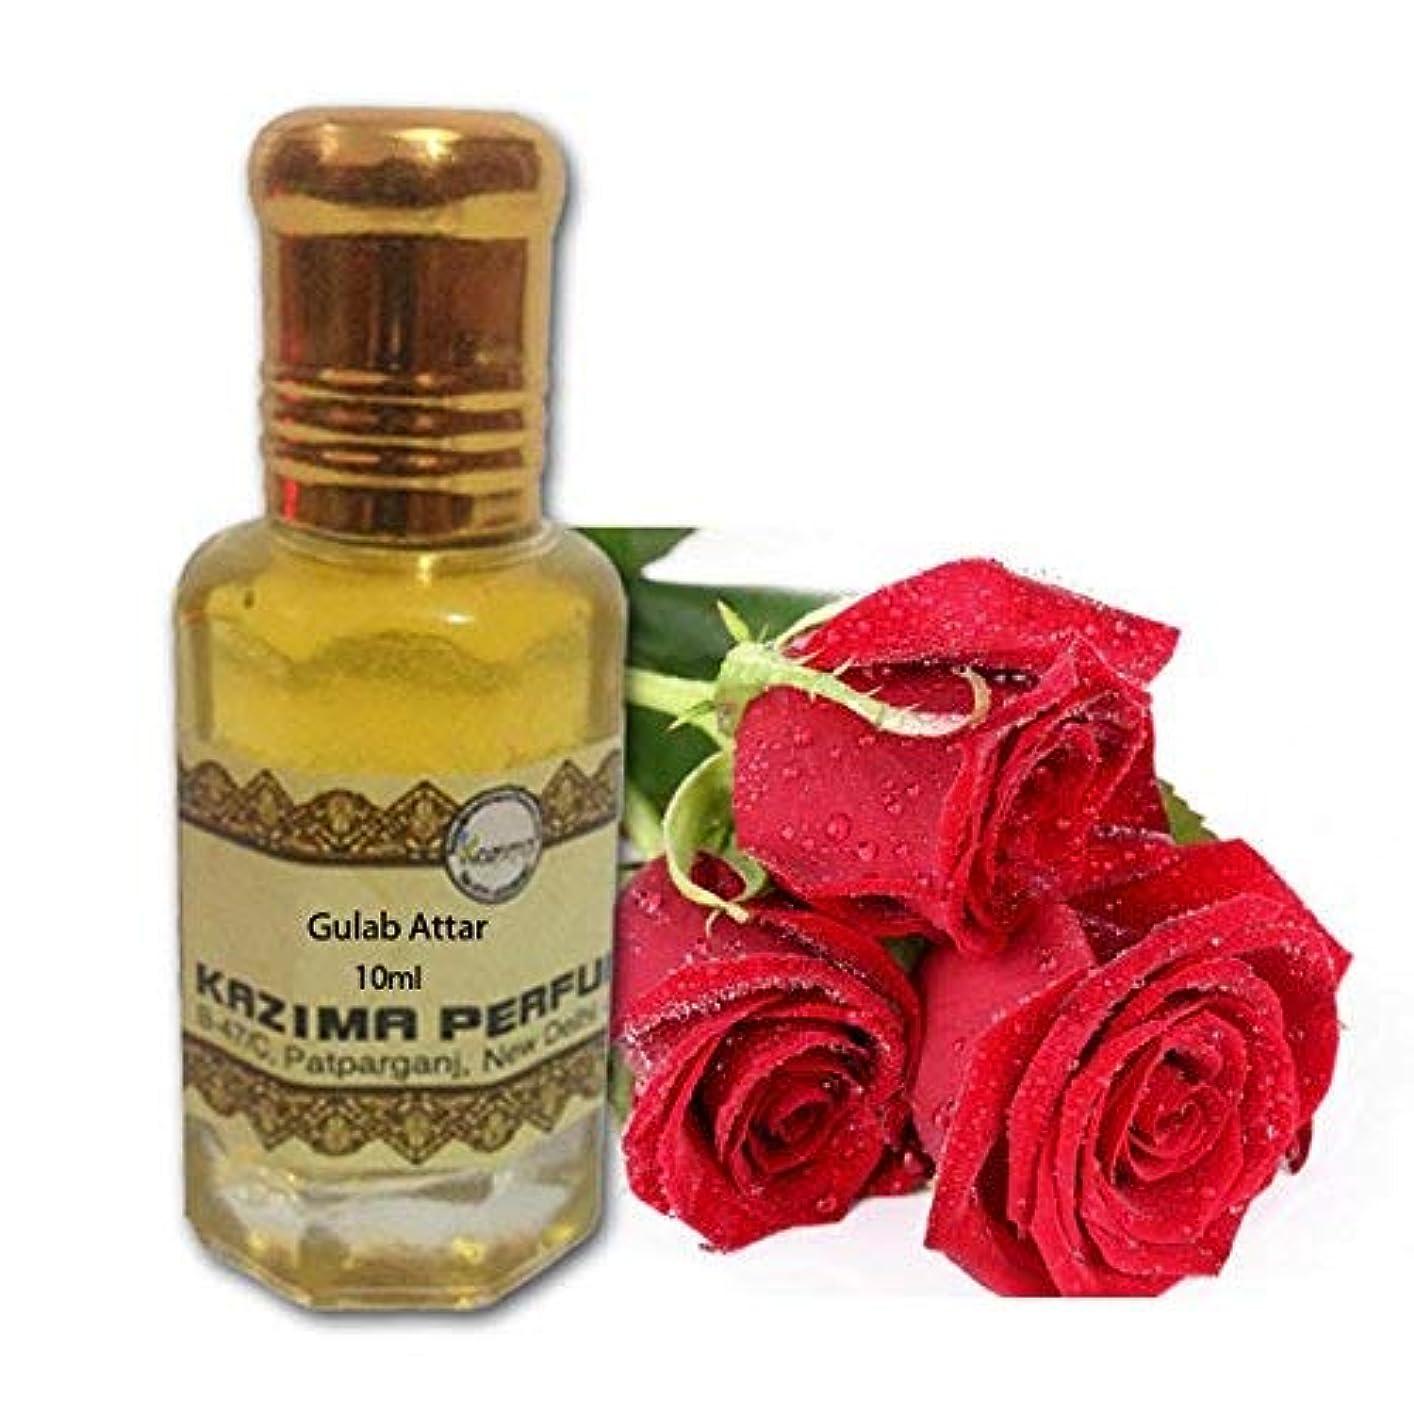 本体価値のない鼻ユニセックスのためにGULABアター香水 - ピュアナチュラル希釈していない(ノンアルコール)(10ミリリットル)|アターITRA最高品質の香水はアターを持続長いスプレー